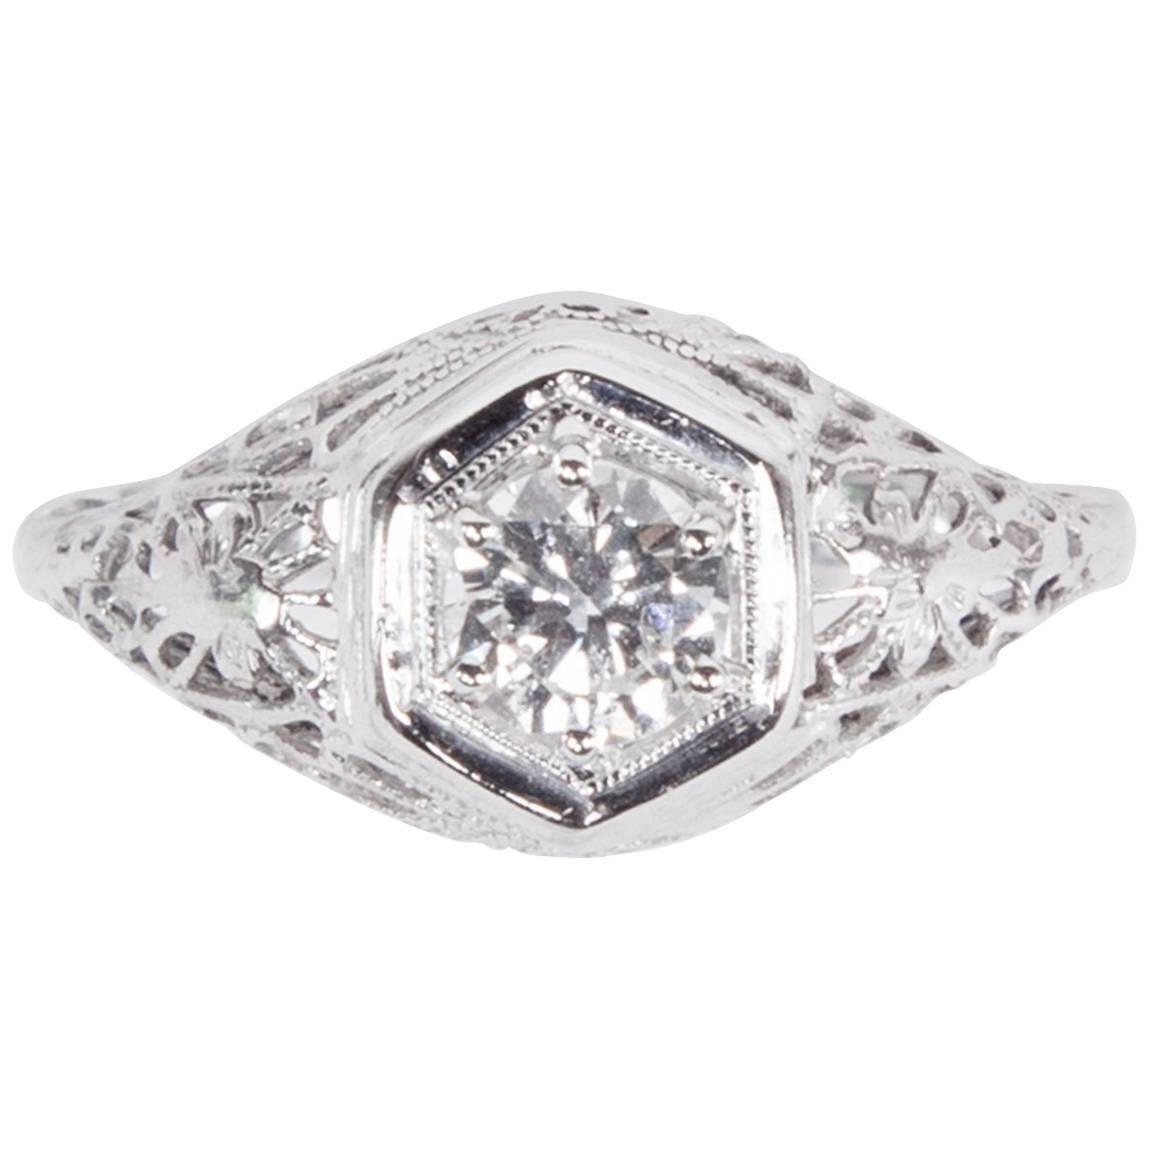 Art Deco Diamond Filigree Platinum Solitaire Engagement Ring Estate Fine Jewelry